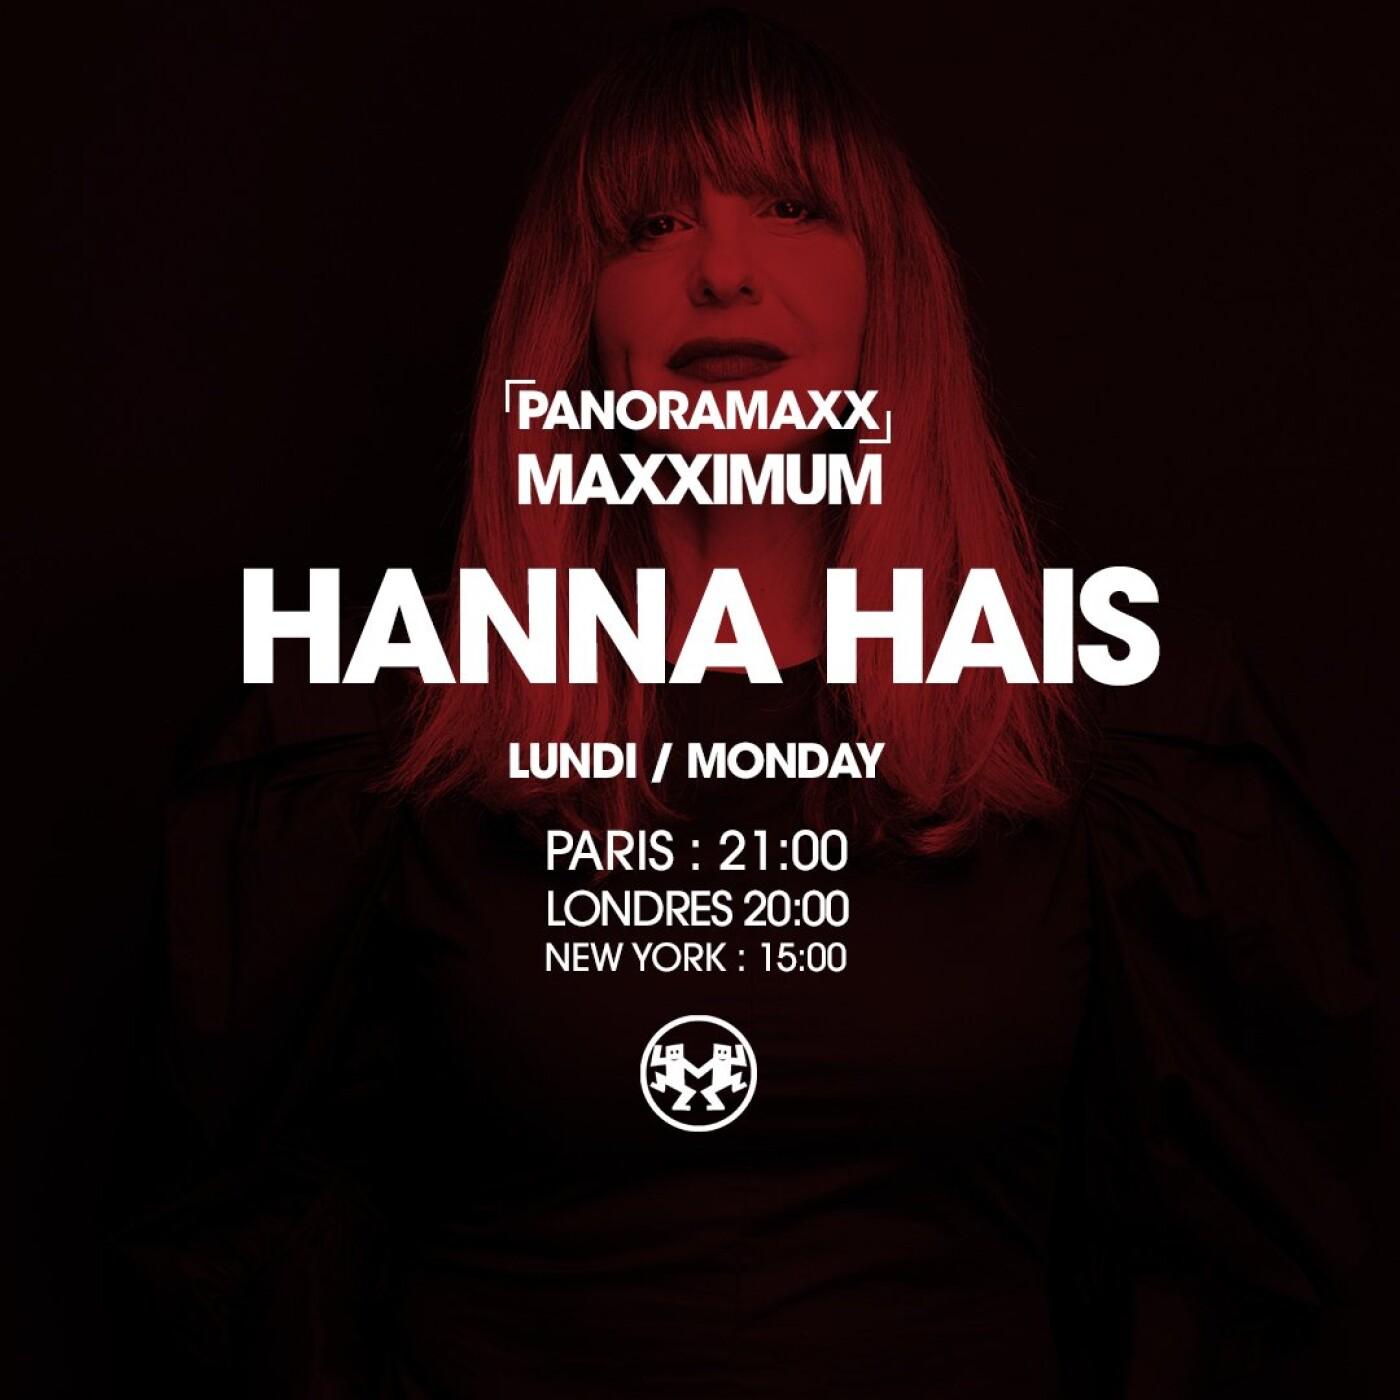 PANORAMAXX : HANNA HAIS